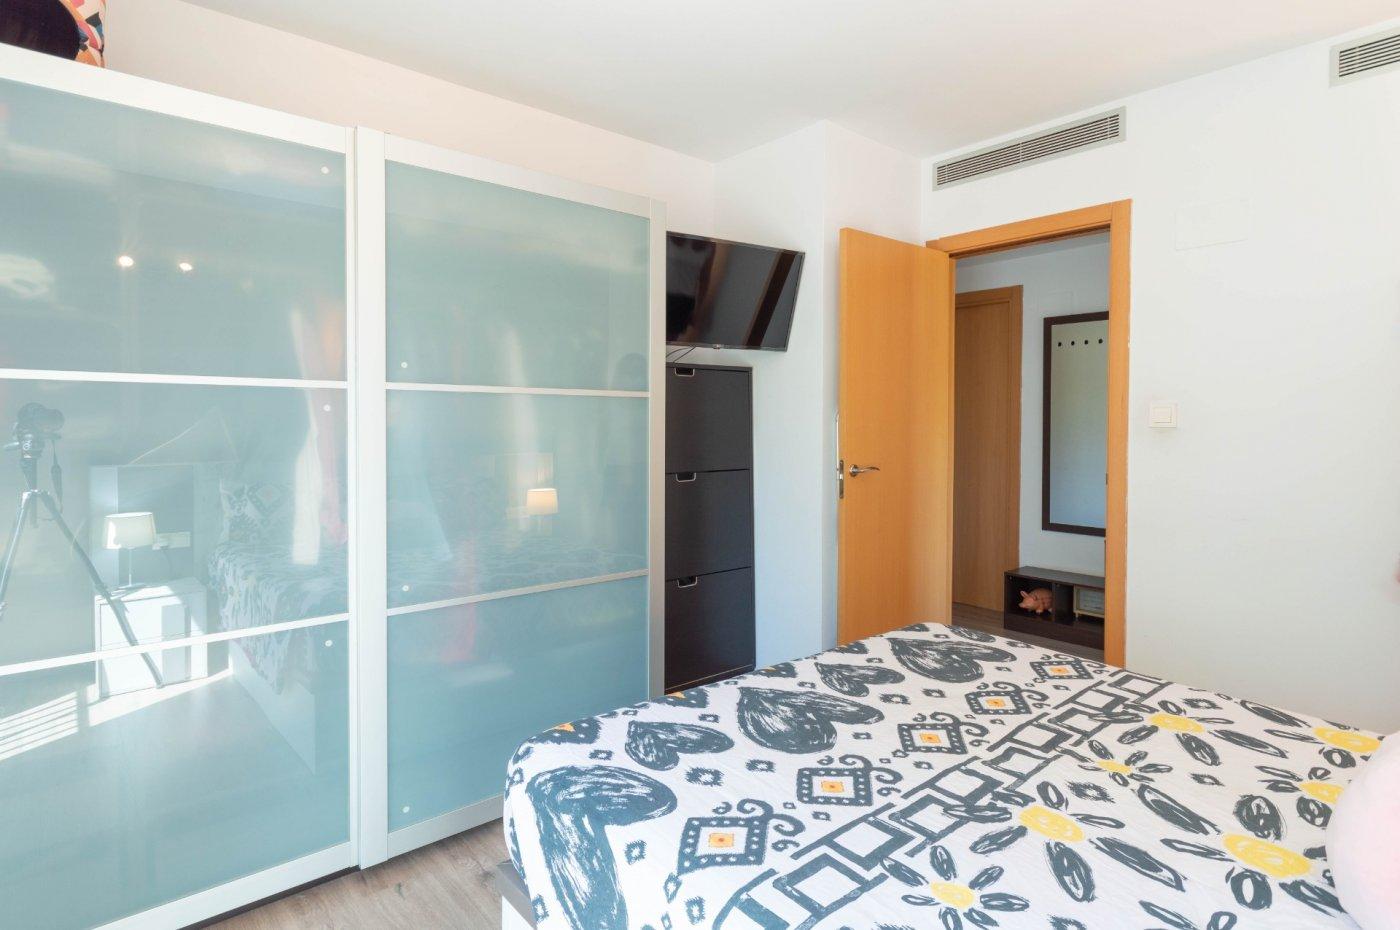 Piso de 50 m² en st. andreu de la b. zona raval de corbera. 2 hab., 1 baño, parking y tras - imagenInmueble11